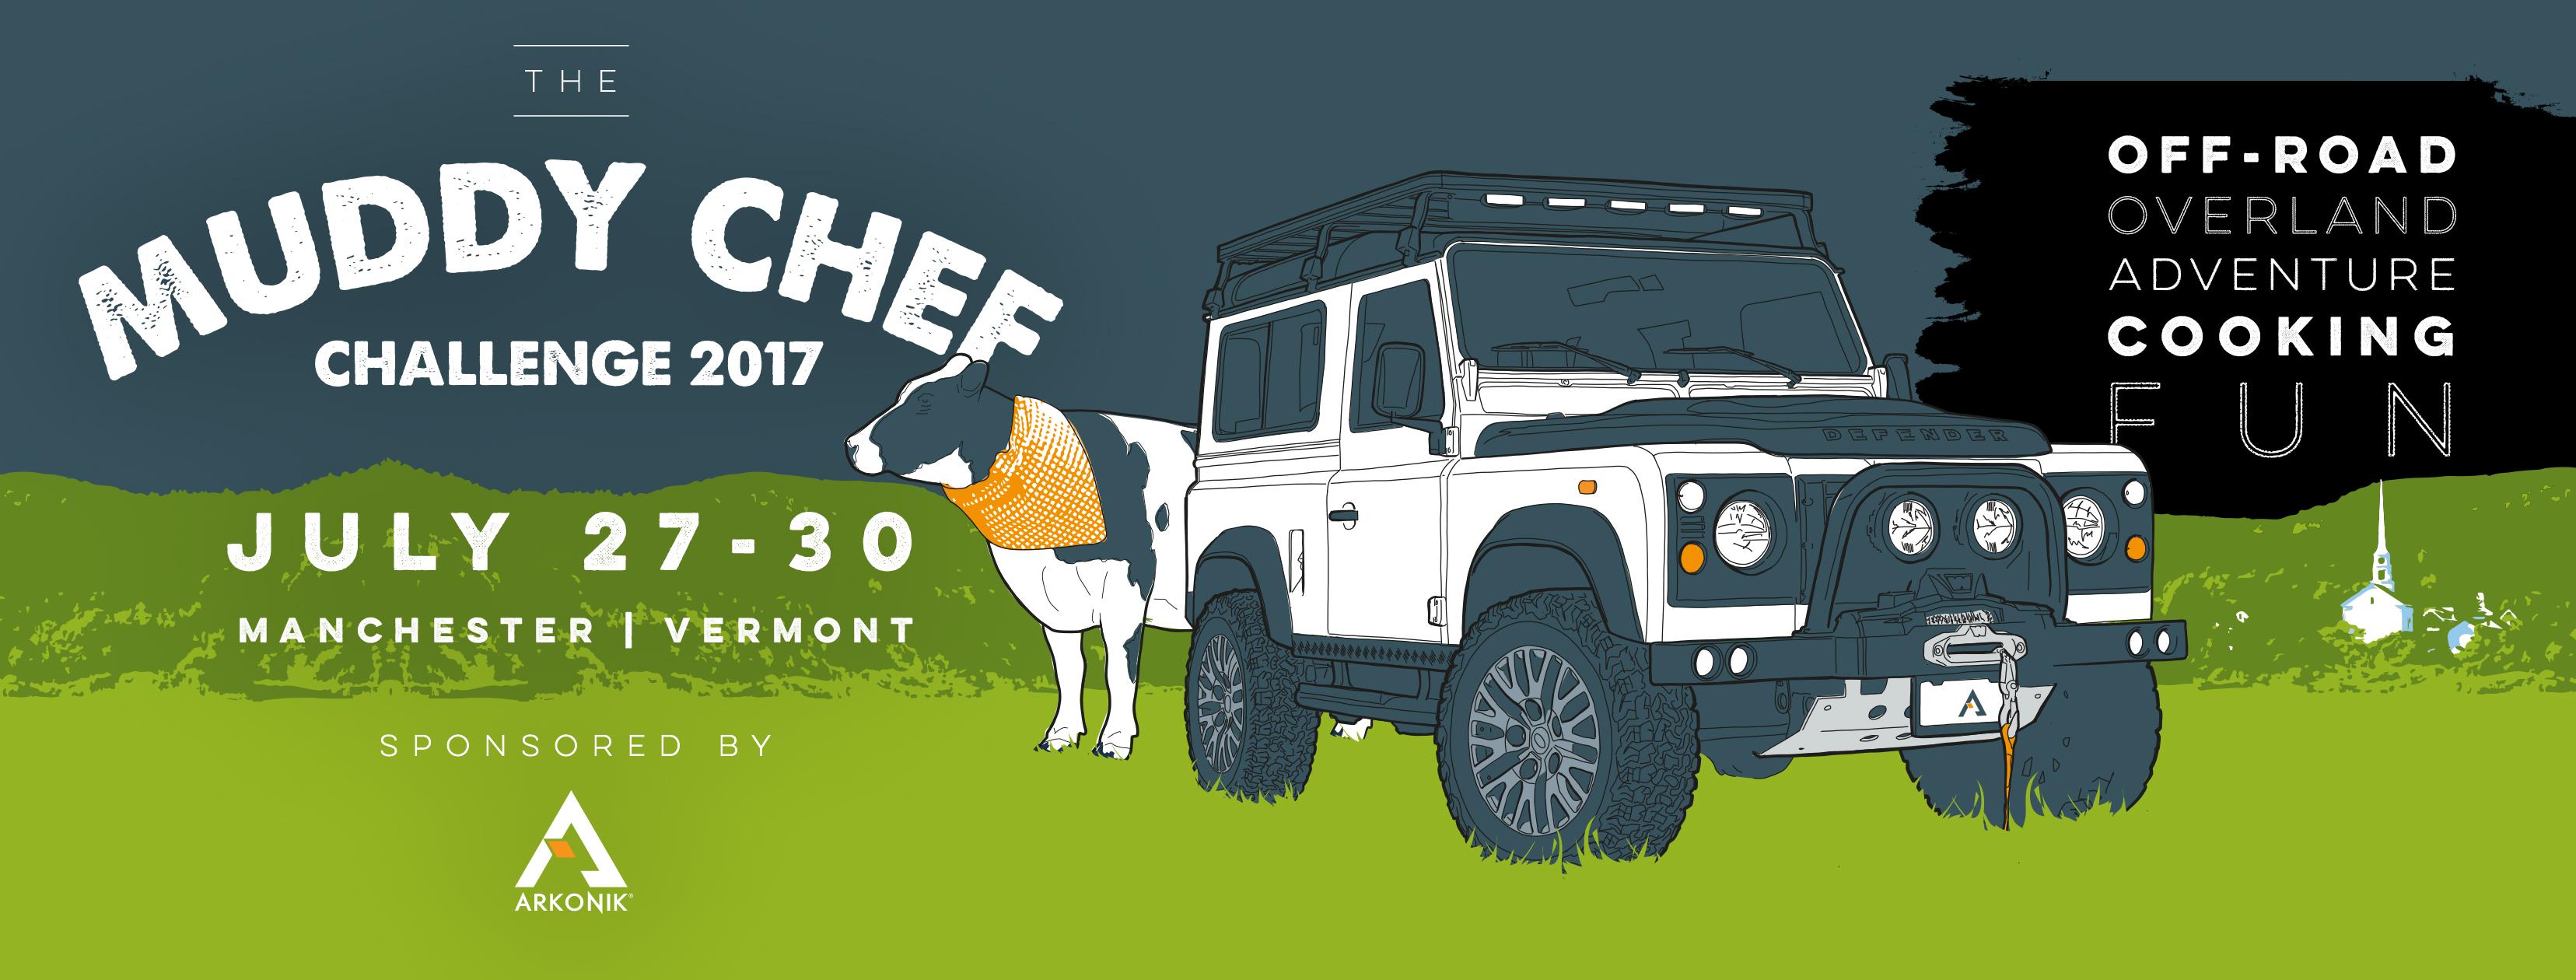 Arkonik Land Rover Muddy Chef Challenge